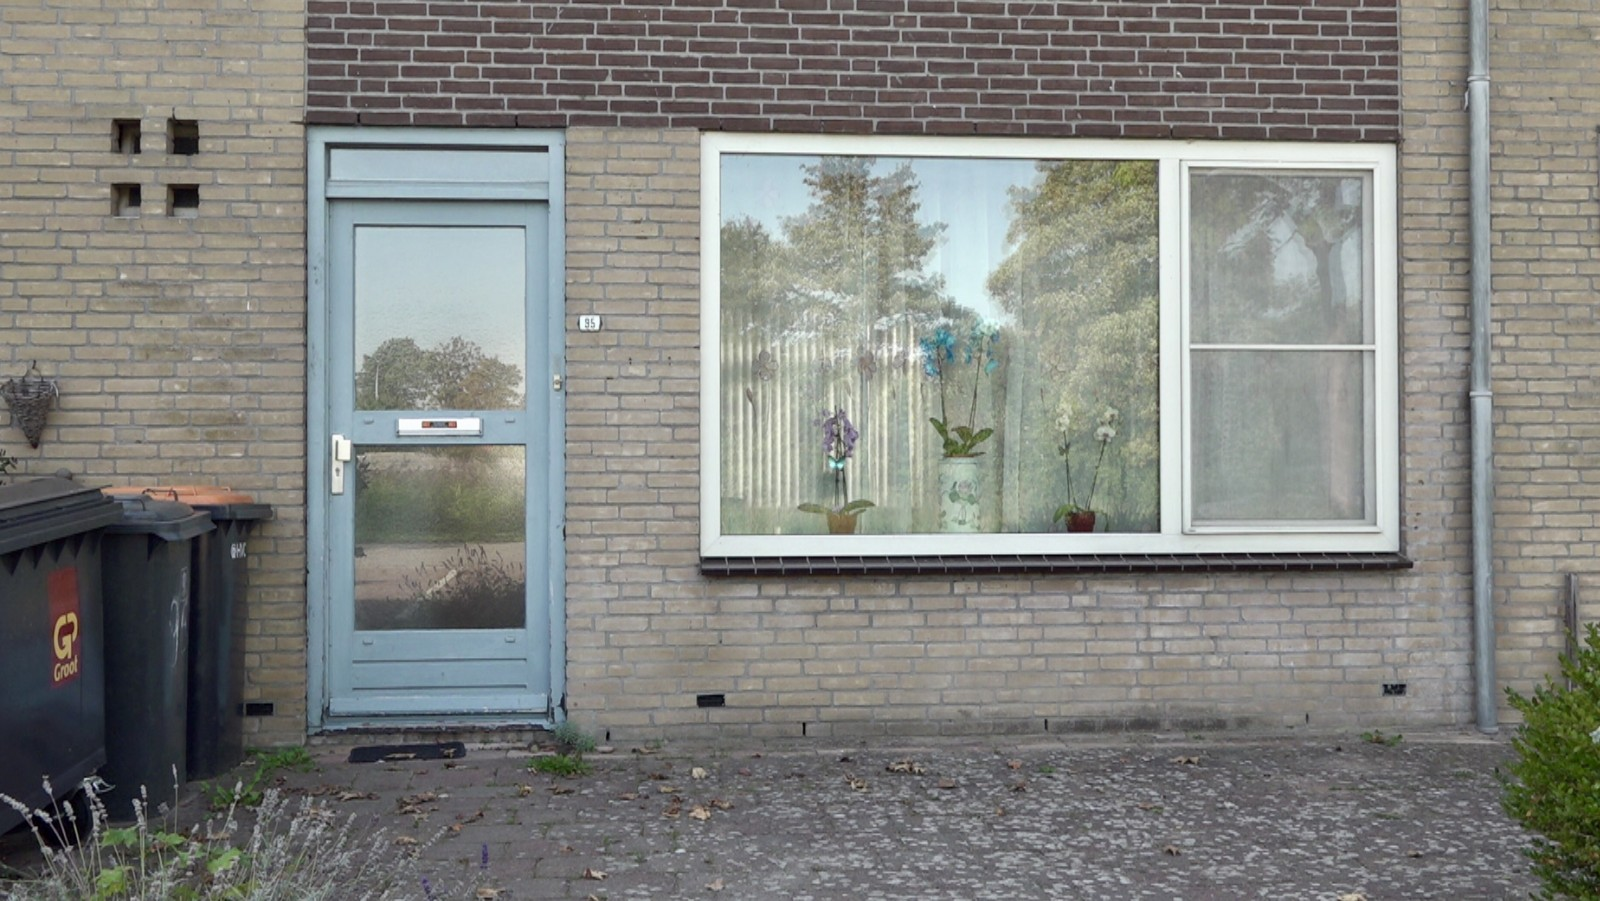 NH Nieuws/ Jurgen van den Bos